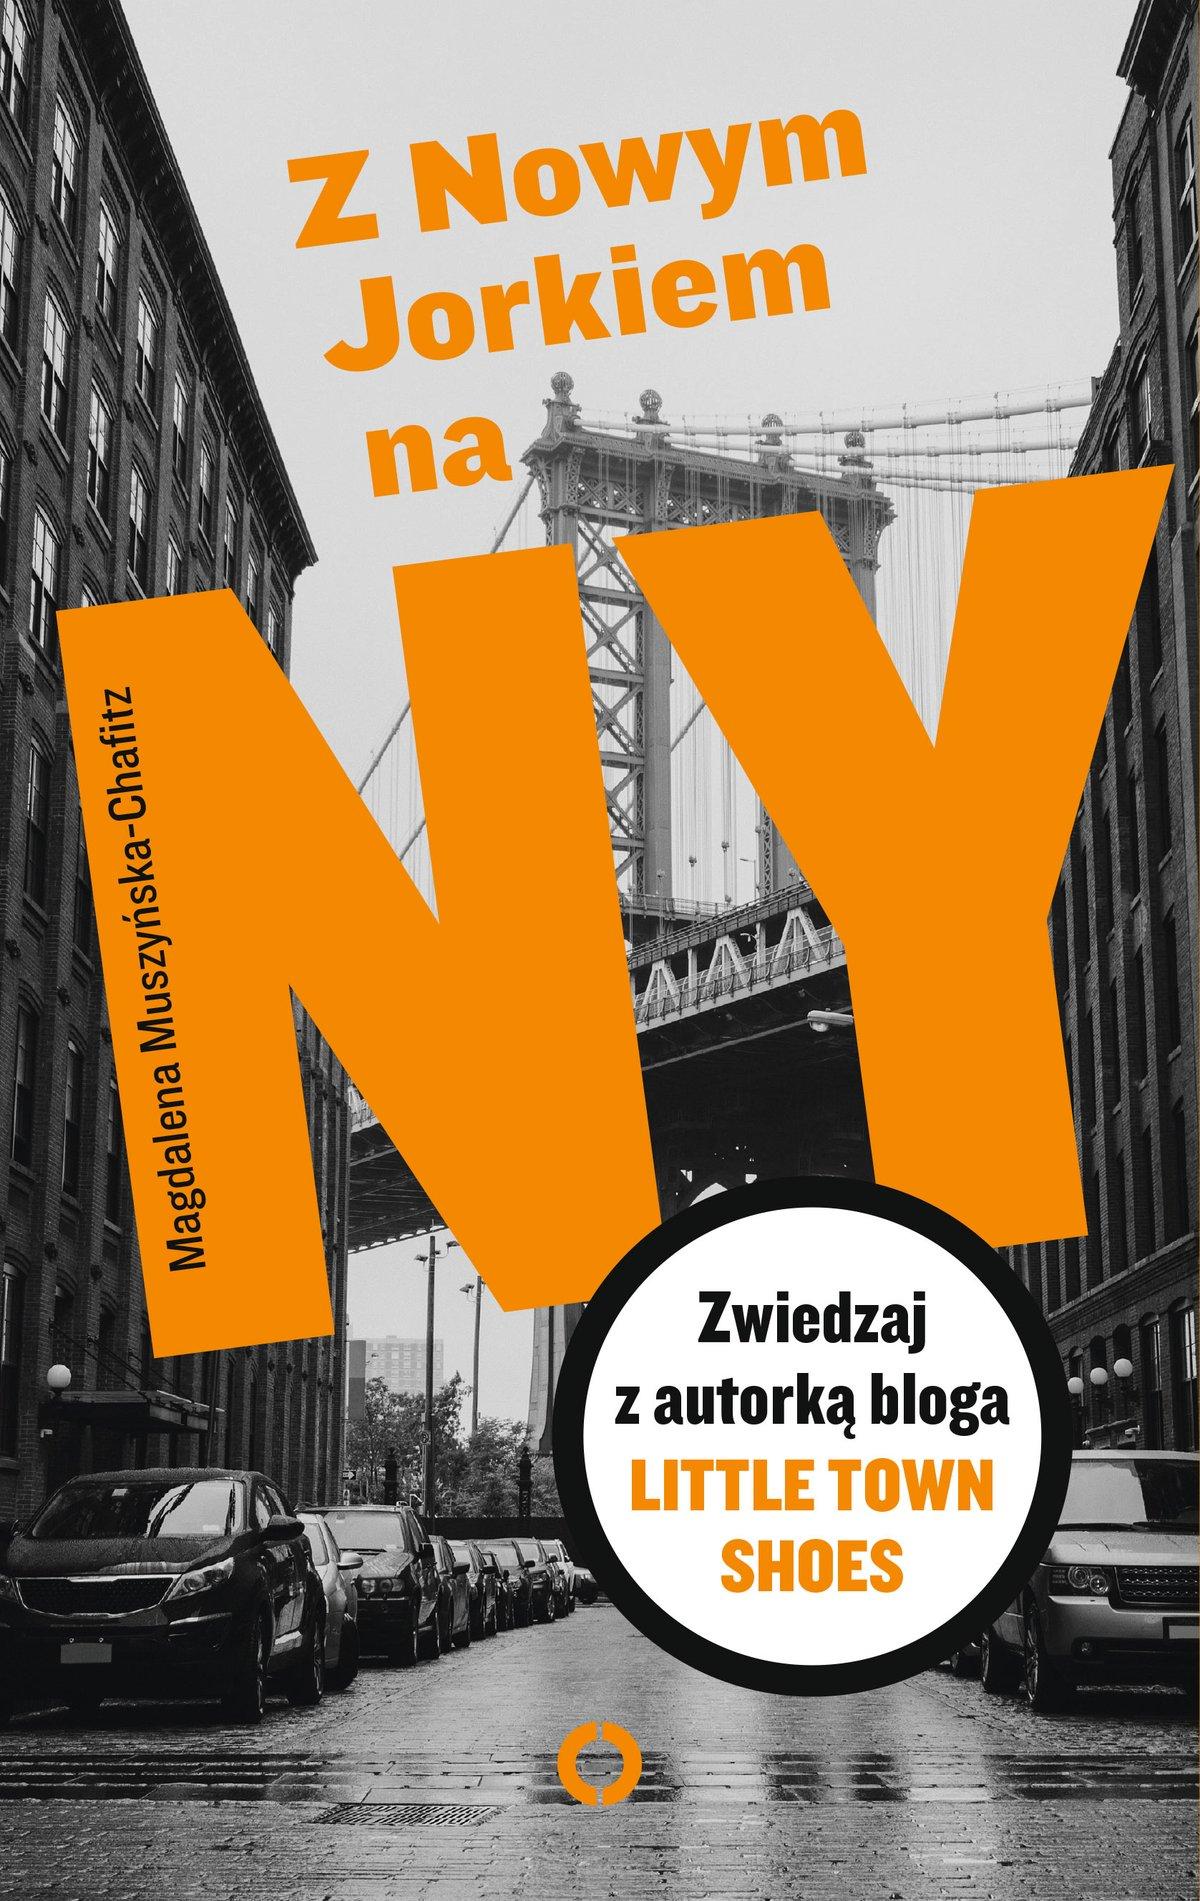 Z Nowym Jorkiem na NY - Ebook (Książka EPUB) do pobrania w formacie EPUB